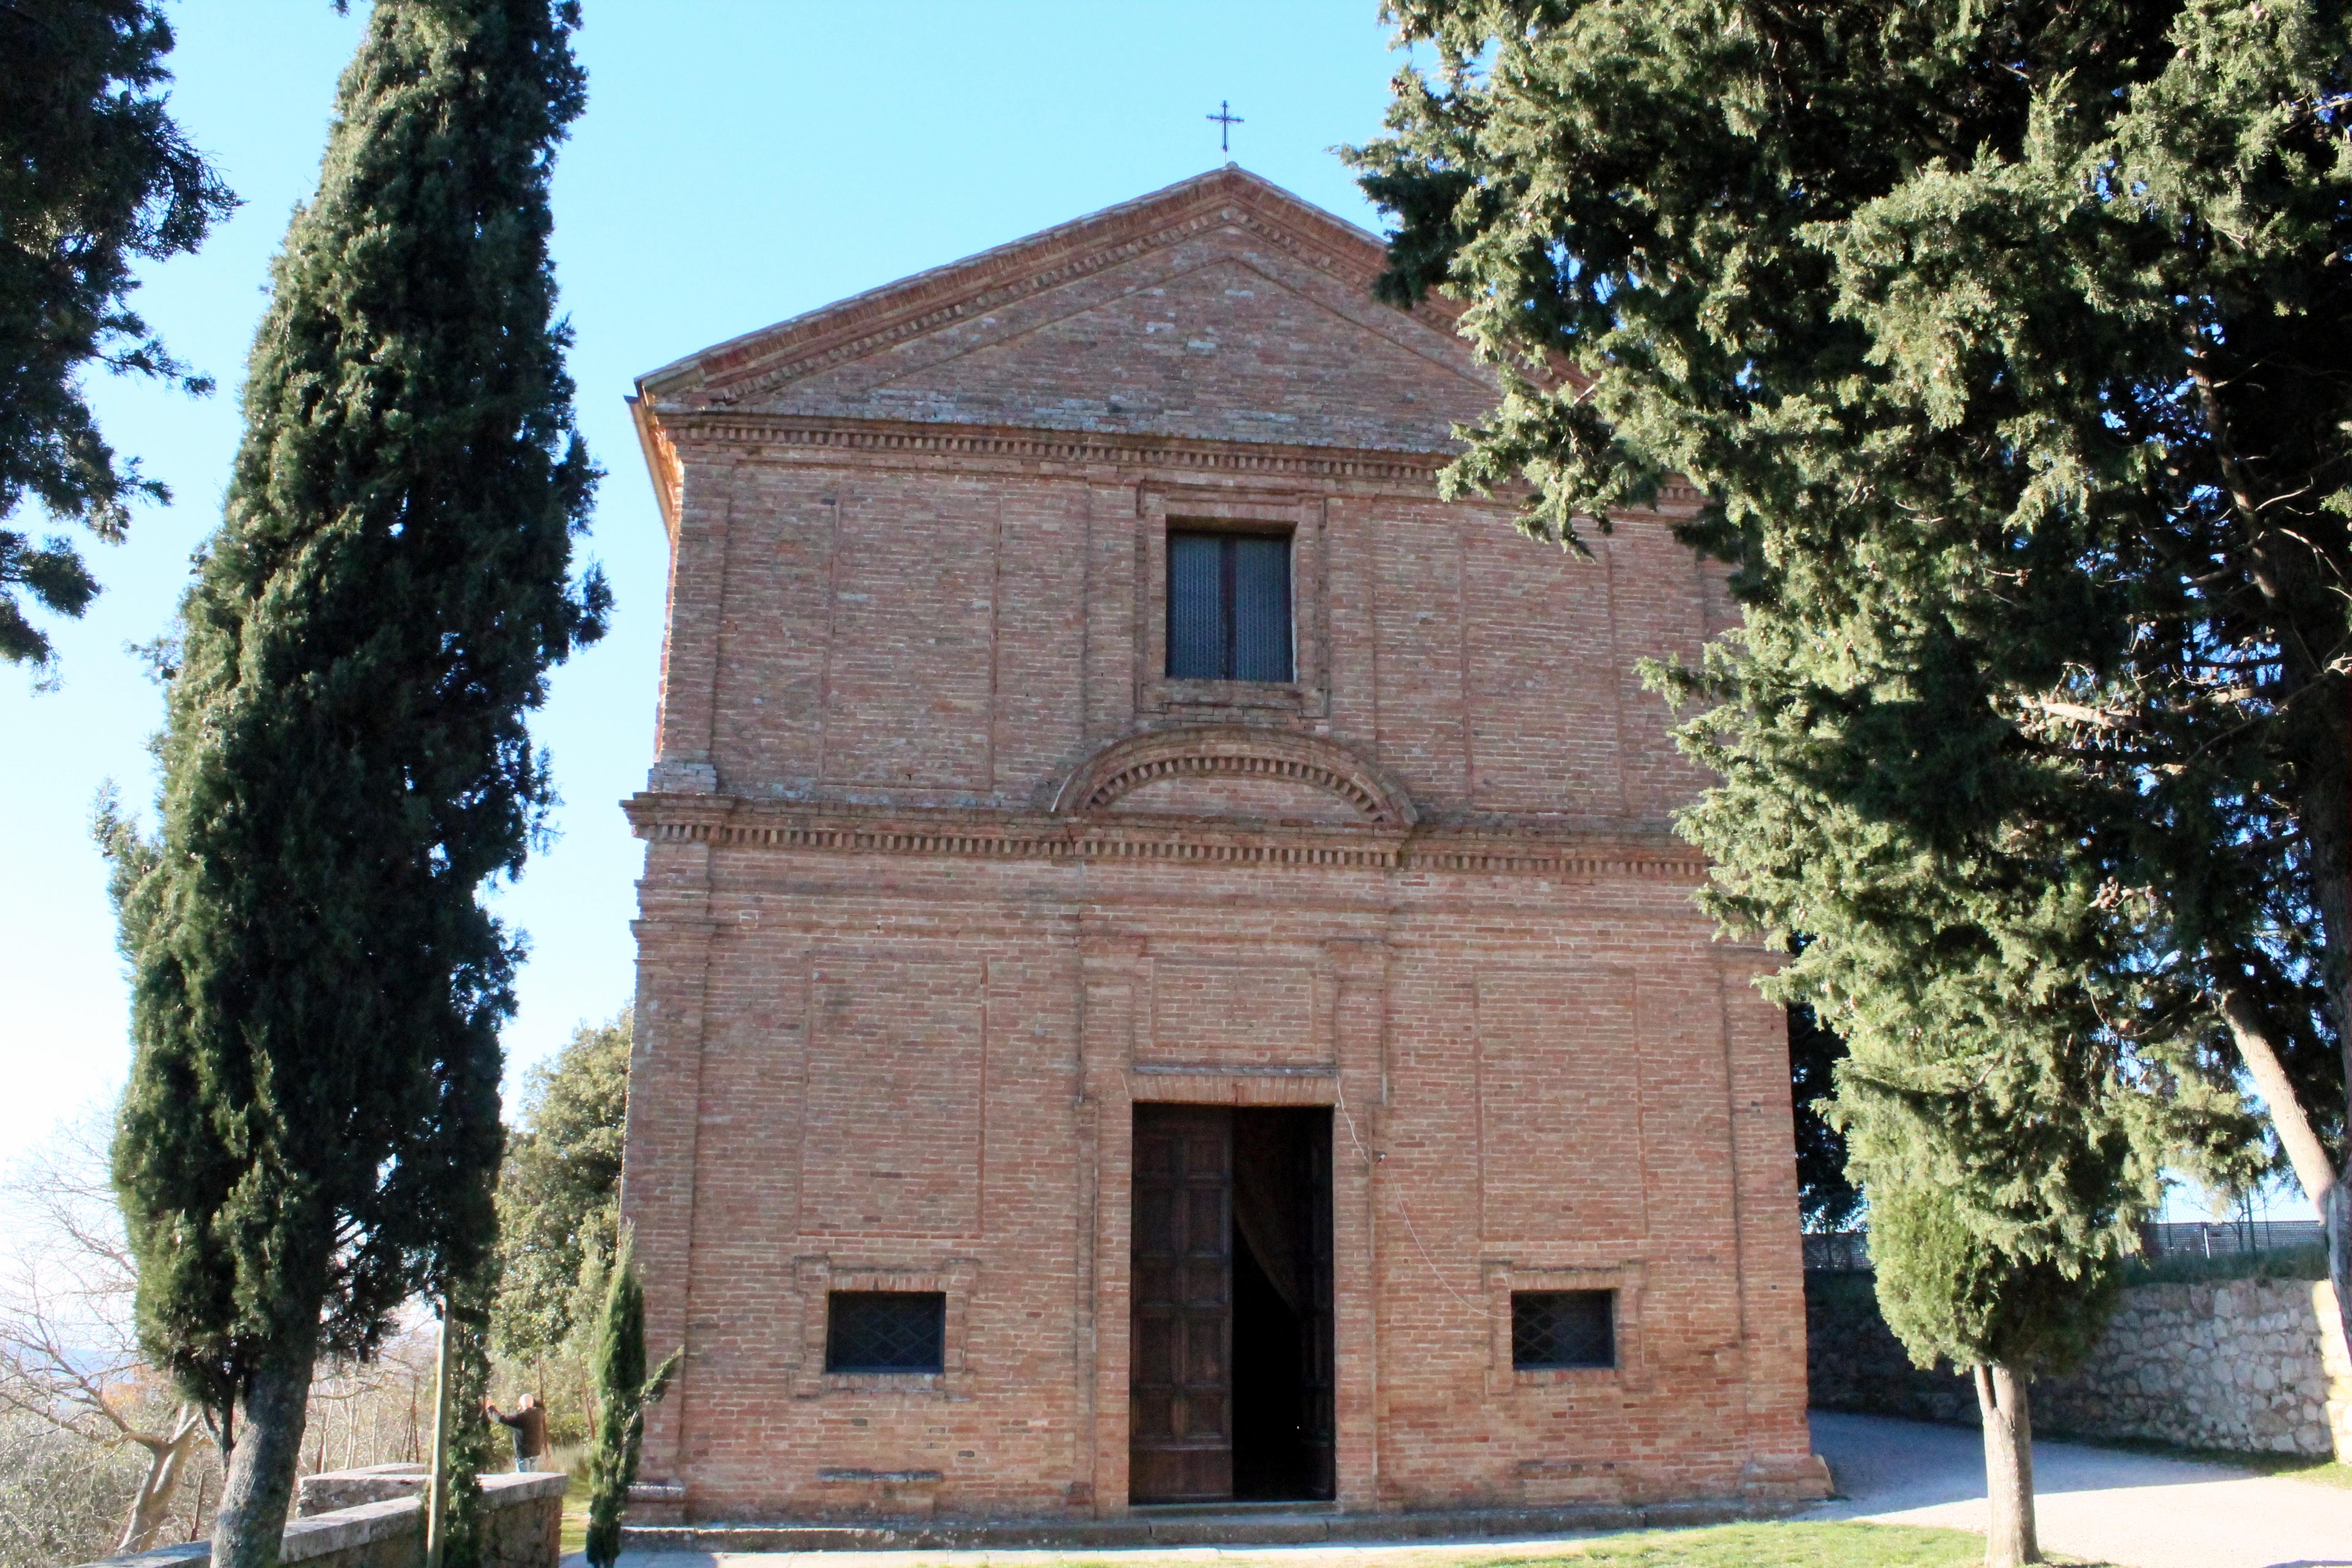 La chiesa di Santa Caterina a Pienza